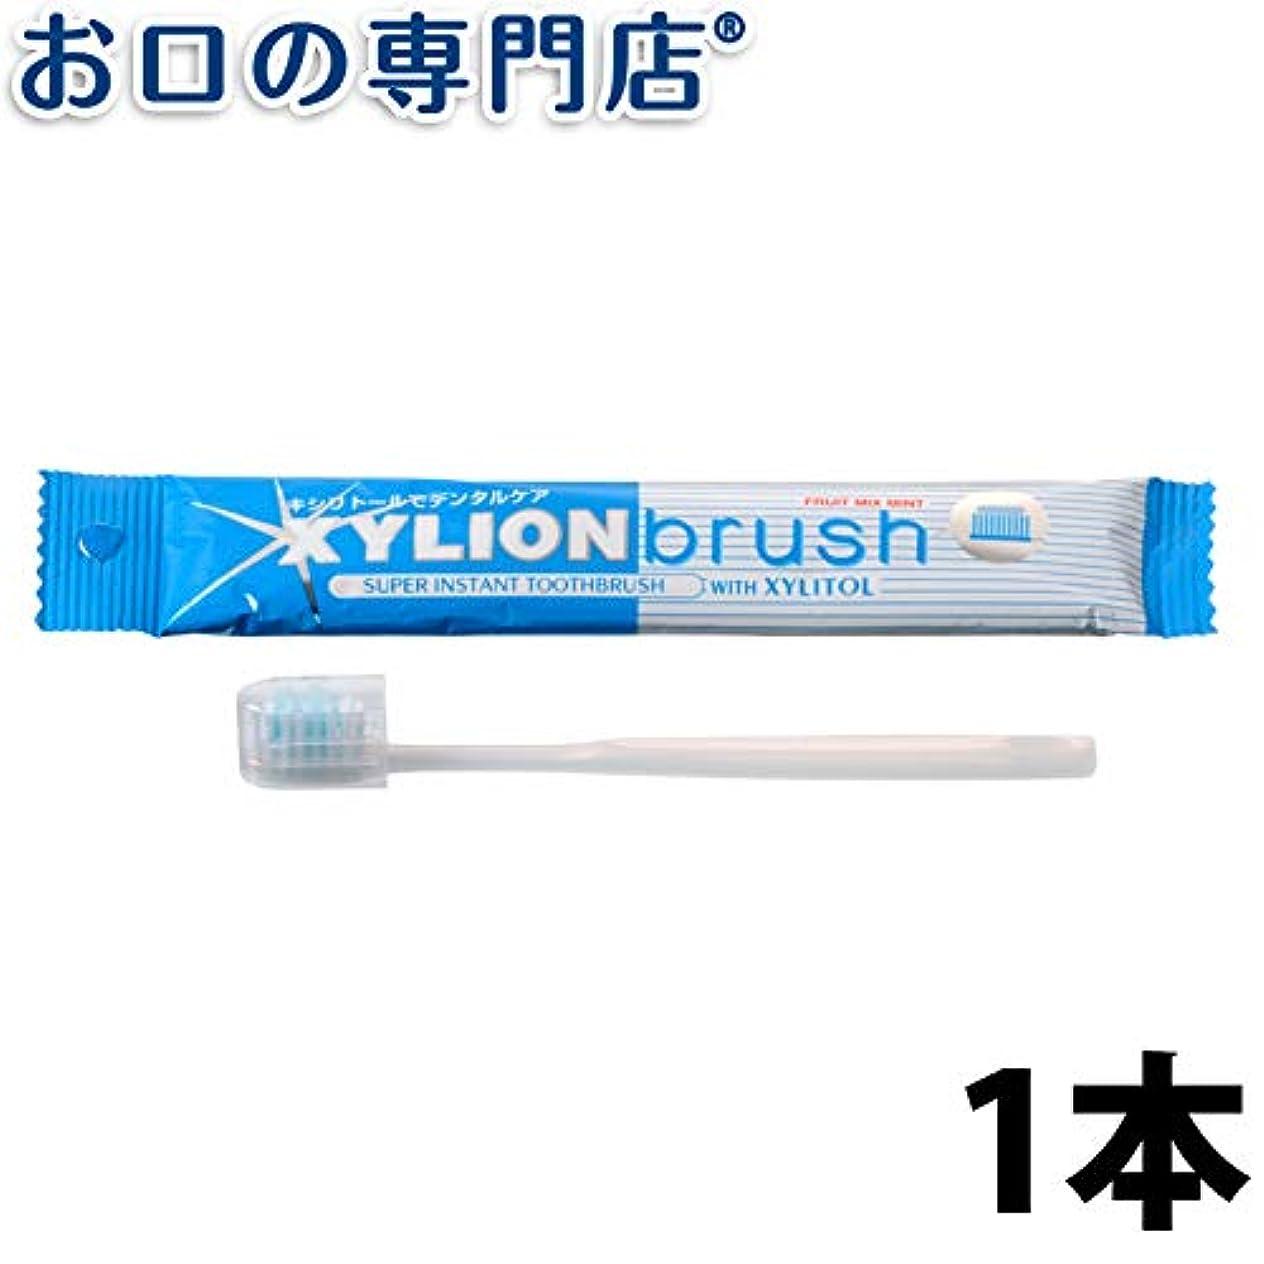 書店系譜登るキシリオンブラシ XYLION brush 1本